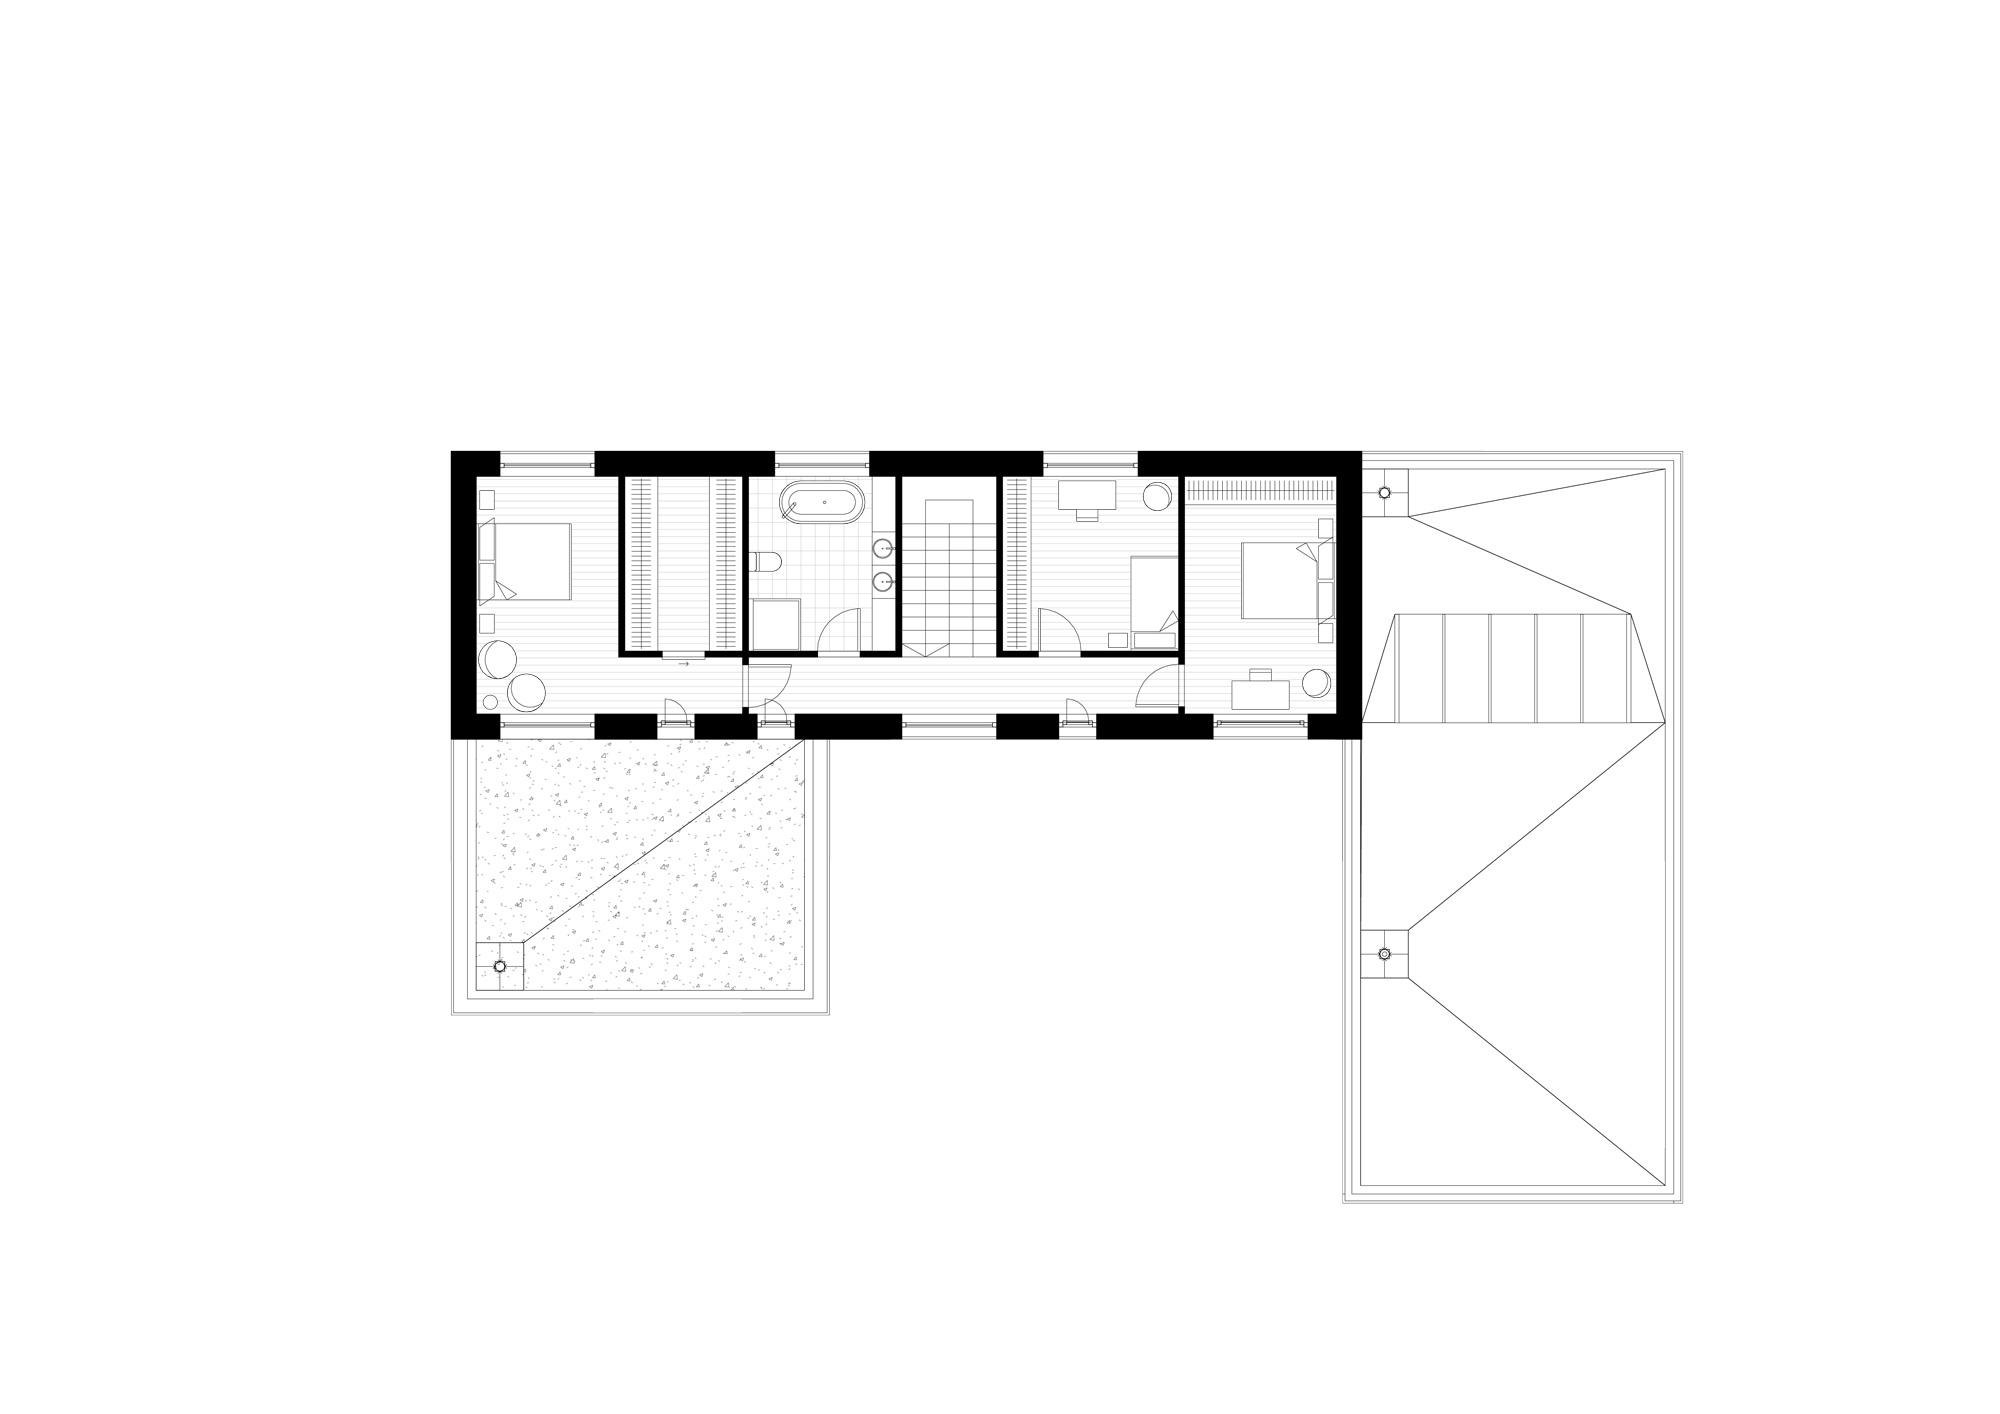 Kubinis-metras_Miesto-namas_2A-planas